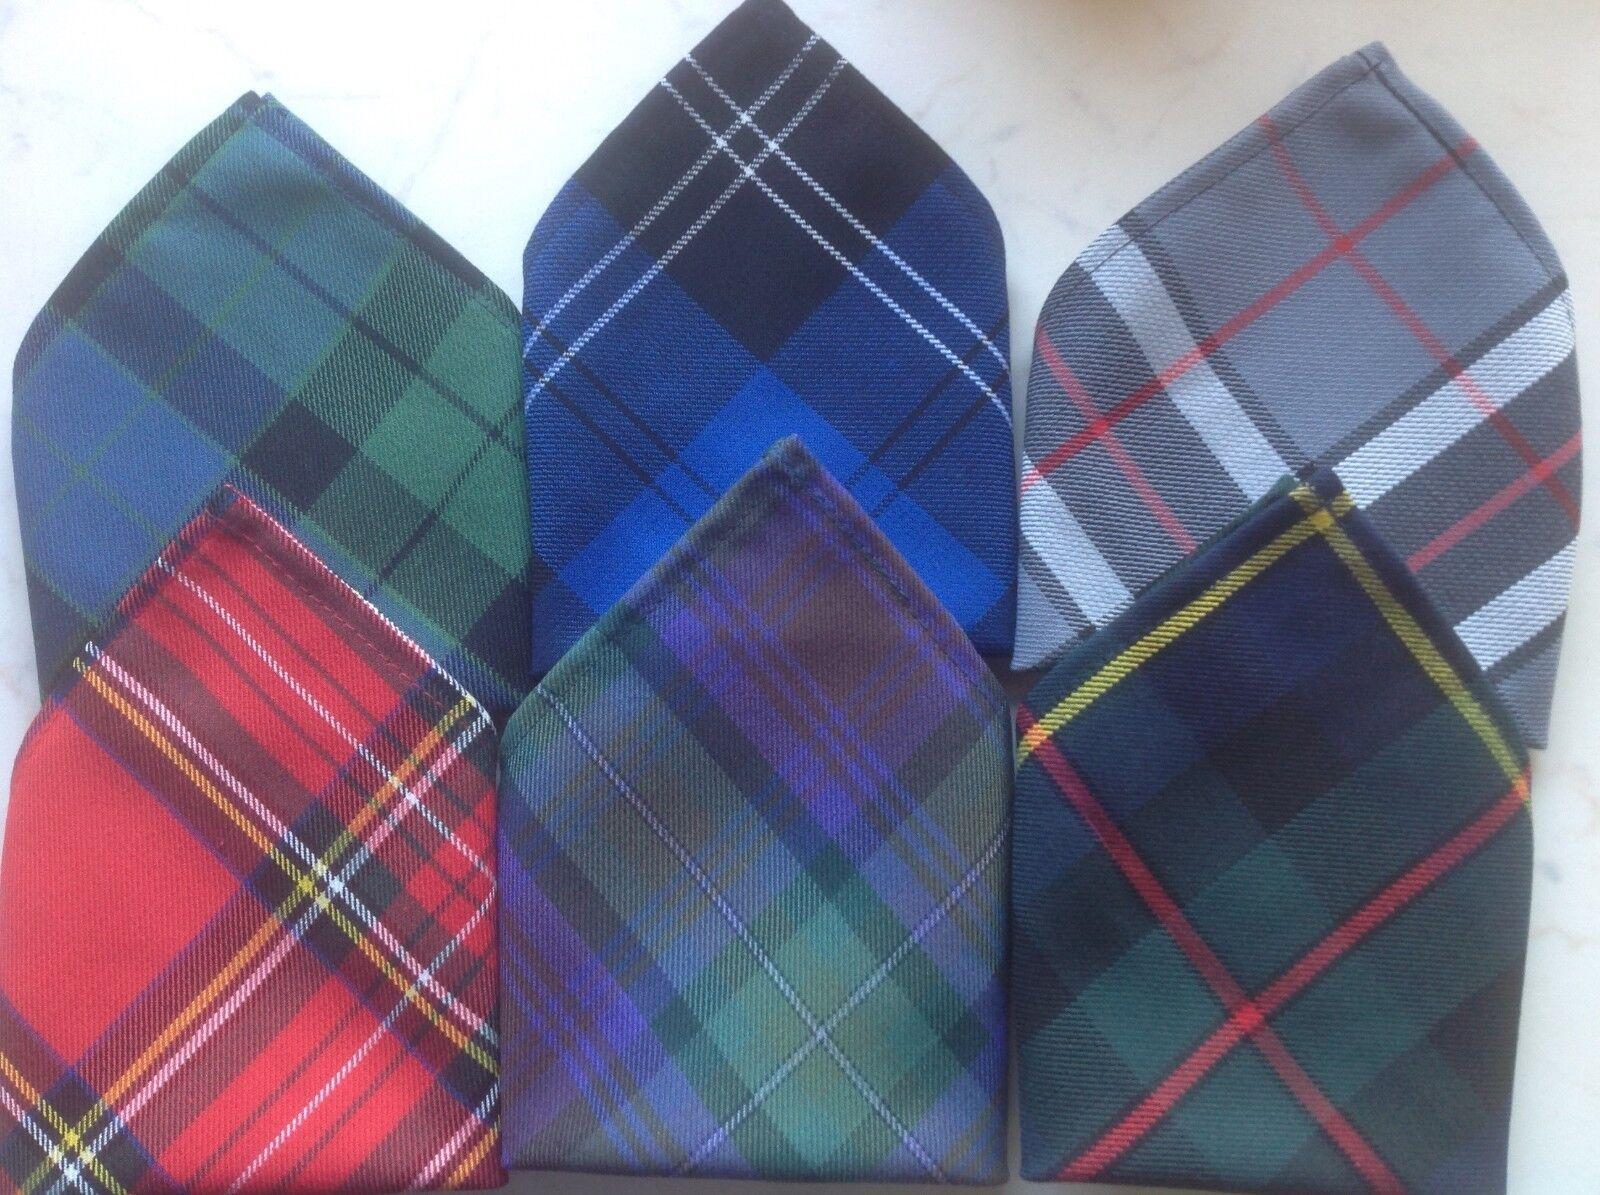 * Nuevo * Caballeros Hombre Tartán Bolsillo Cuadrado Pañuelo Pañuelo-Varios tartans